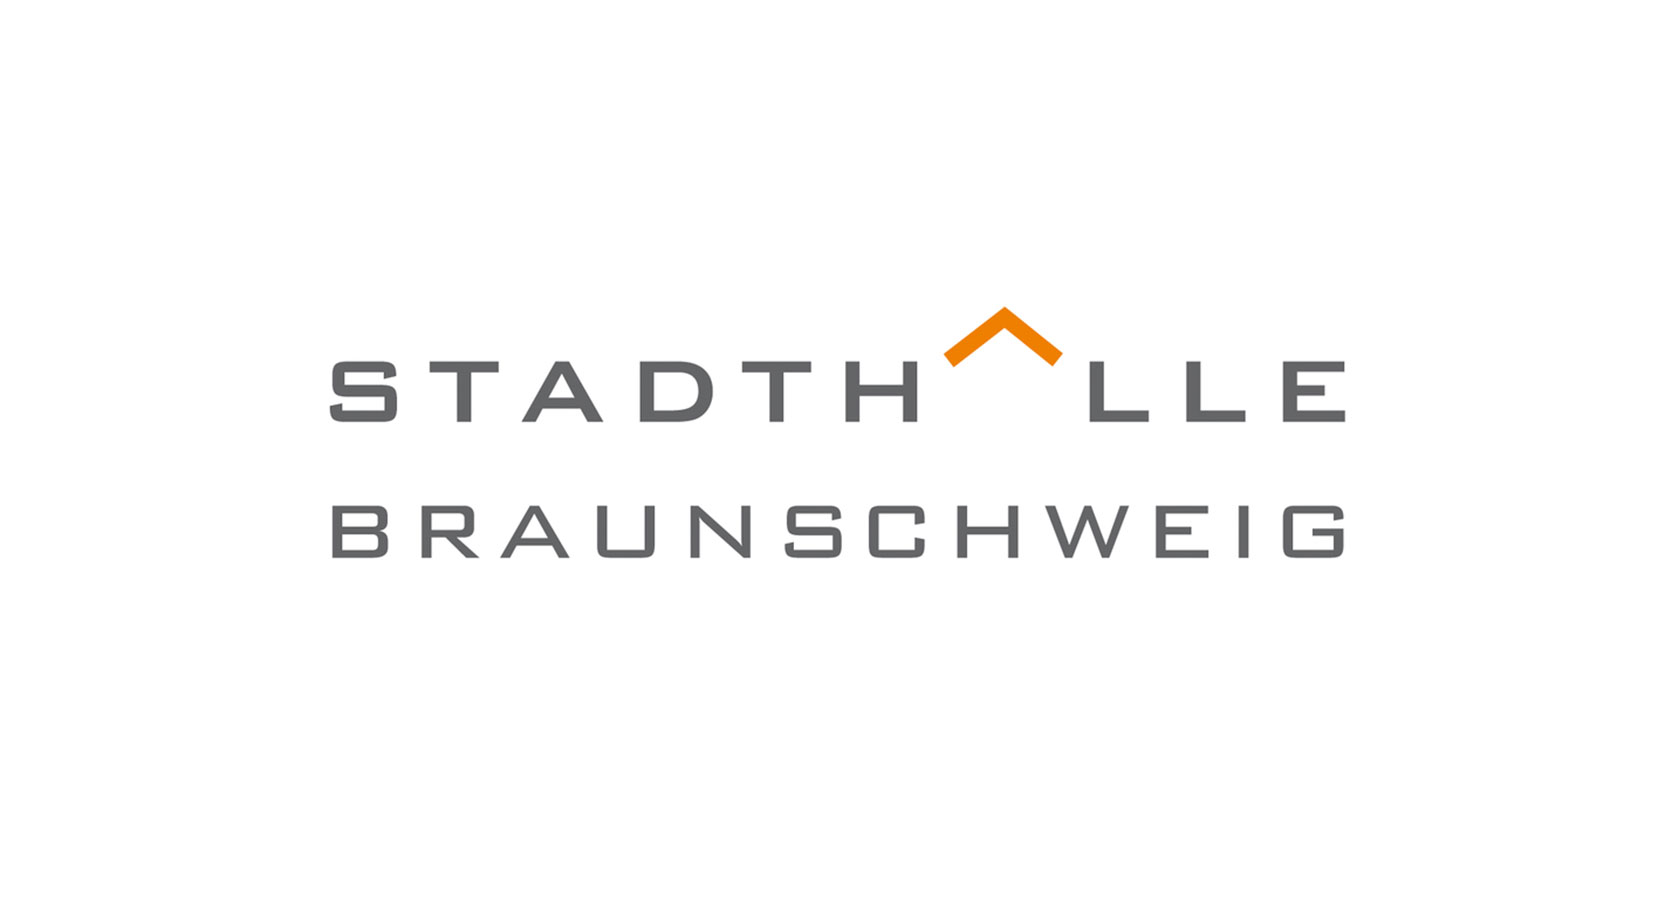 Logo der Stadthalle Braunschweig